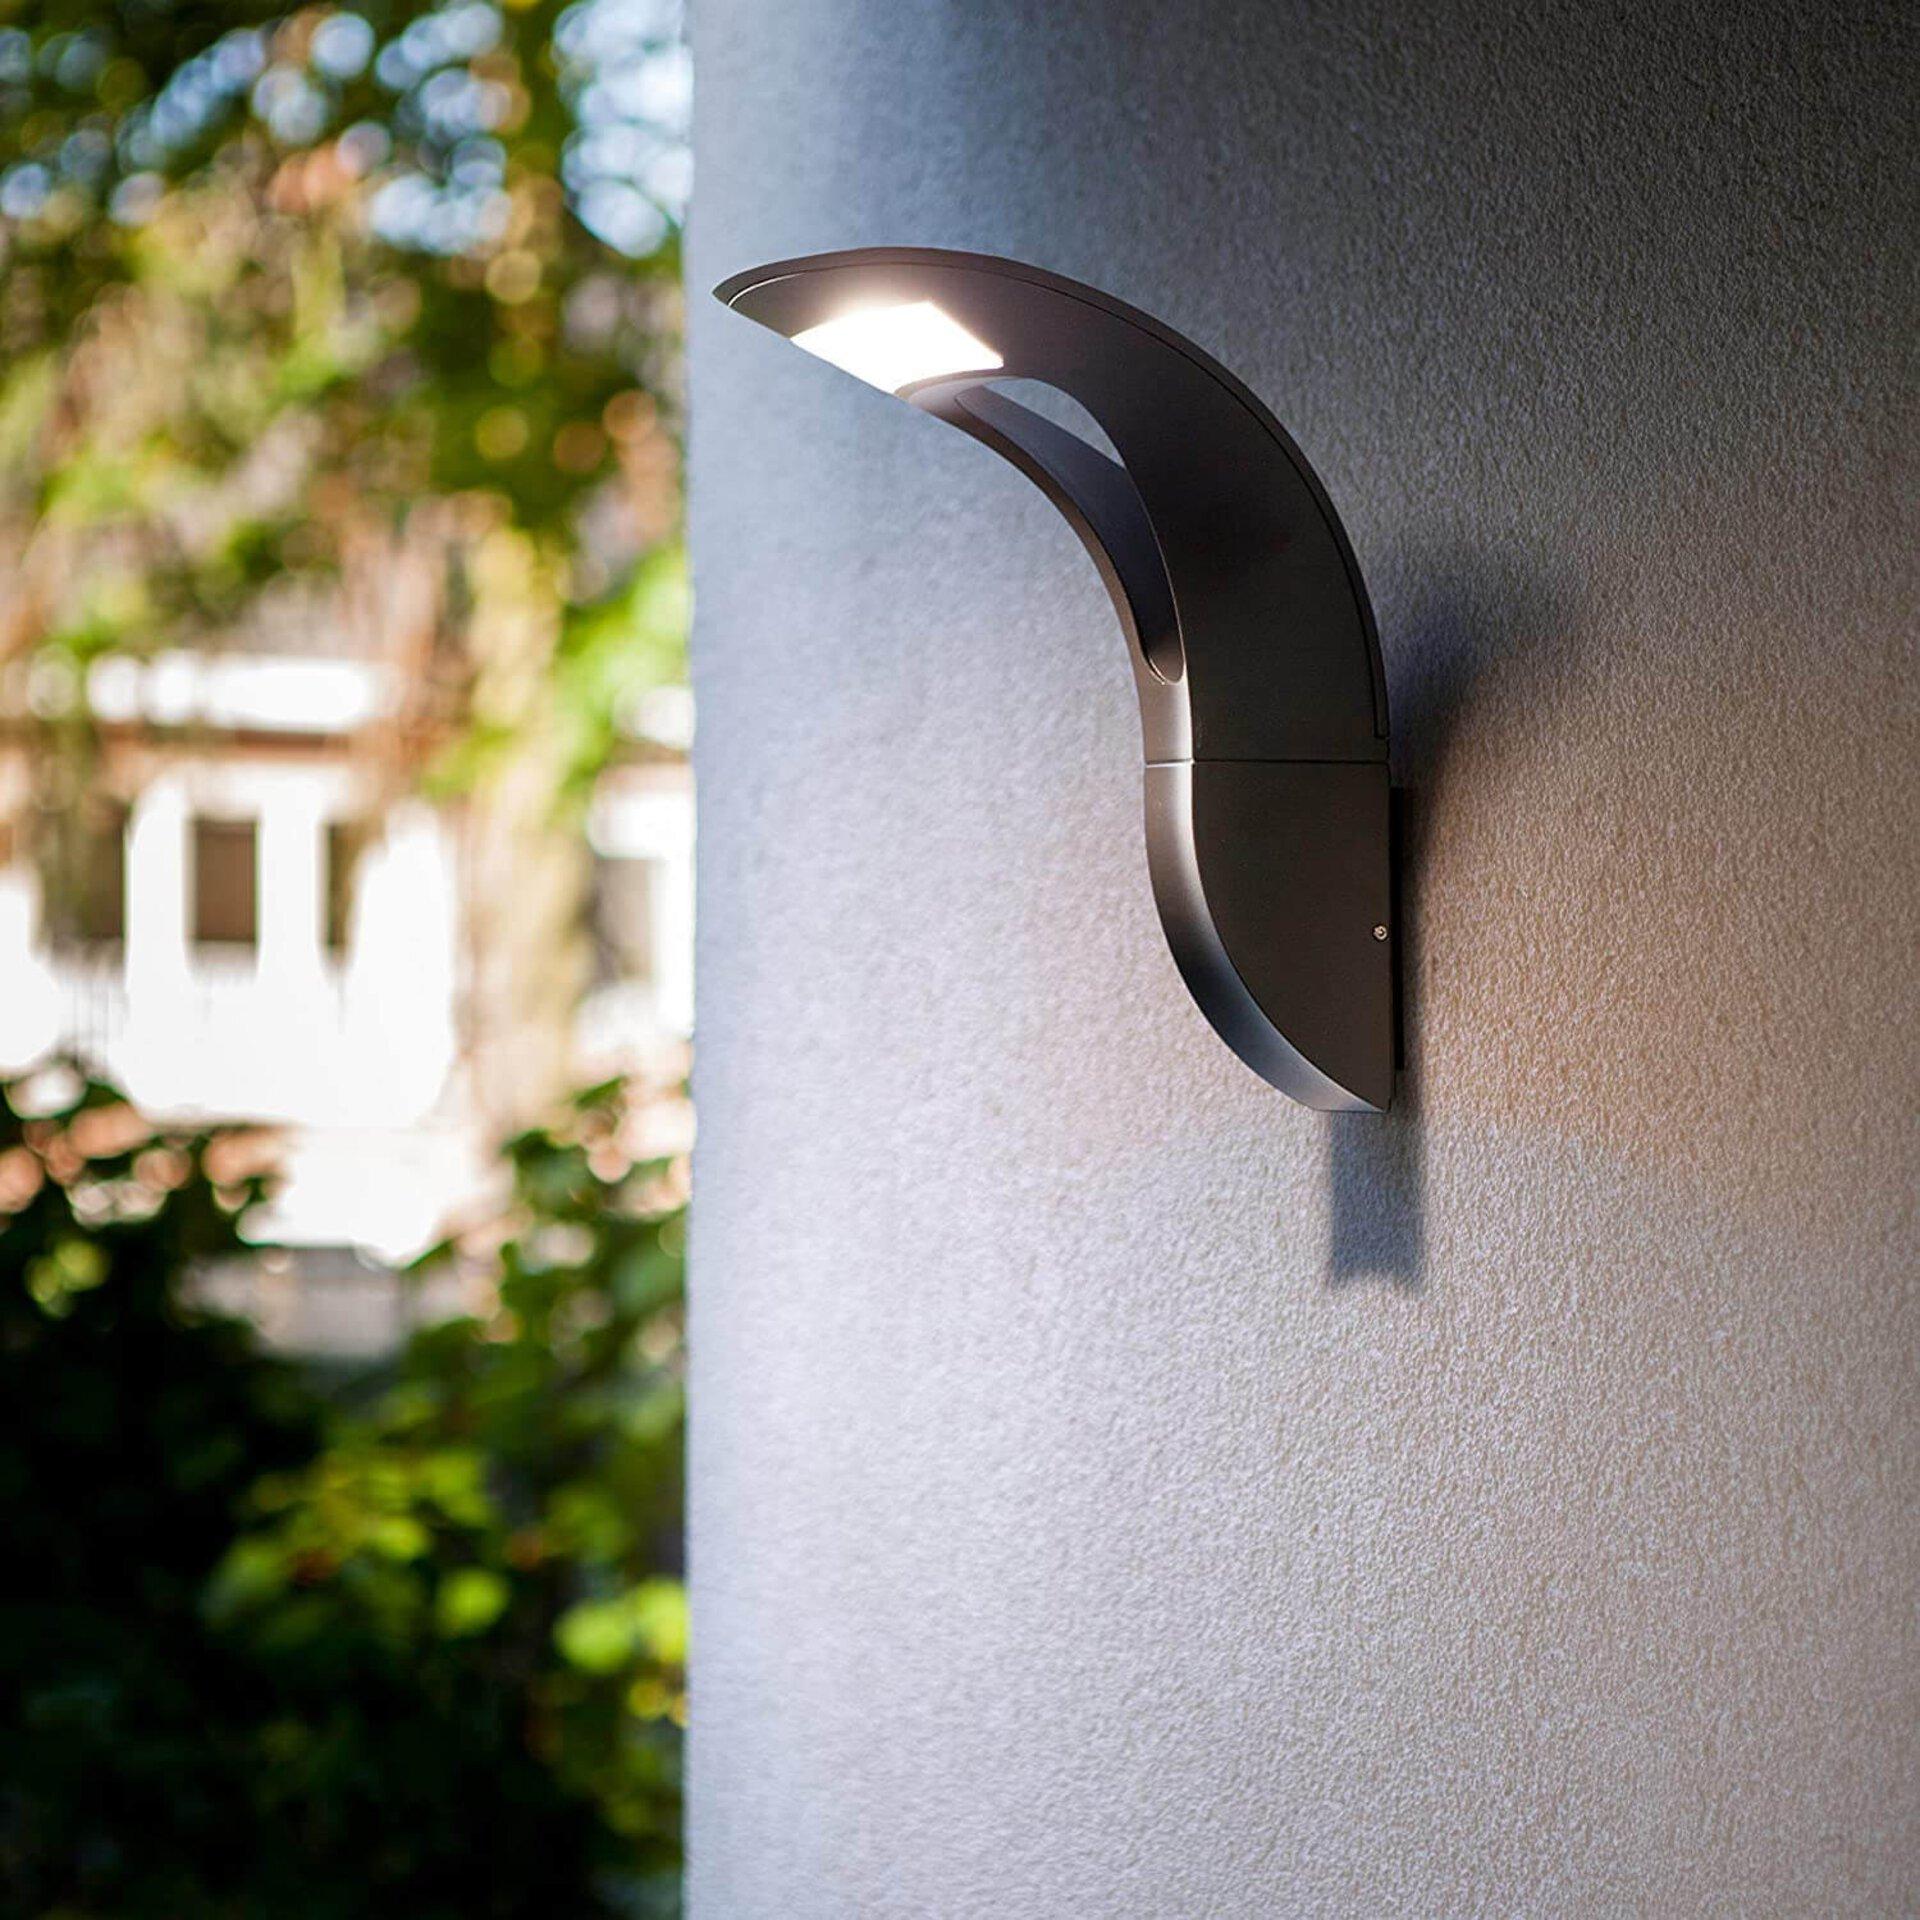 Wand-Aussenleuchte Anda Eco-Light Metall 20 x 30 x 25 cm